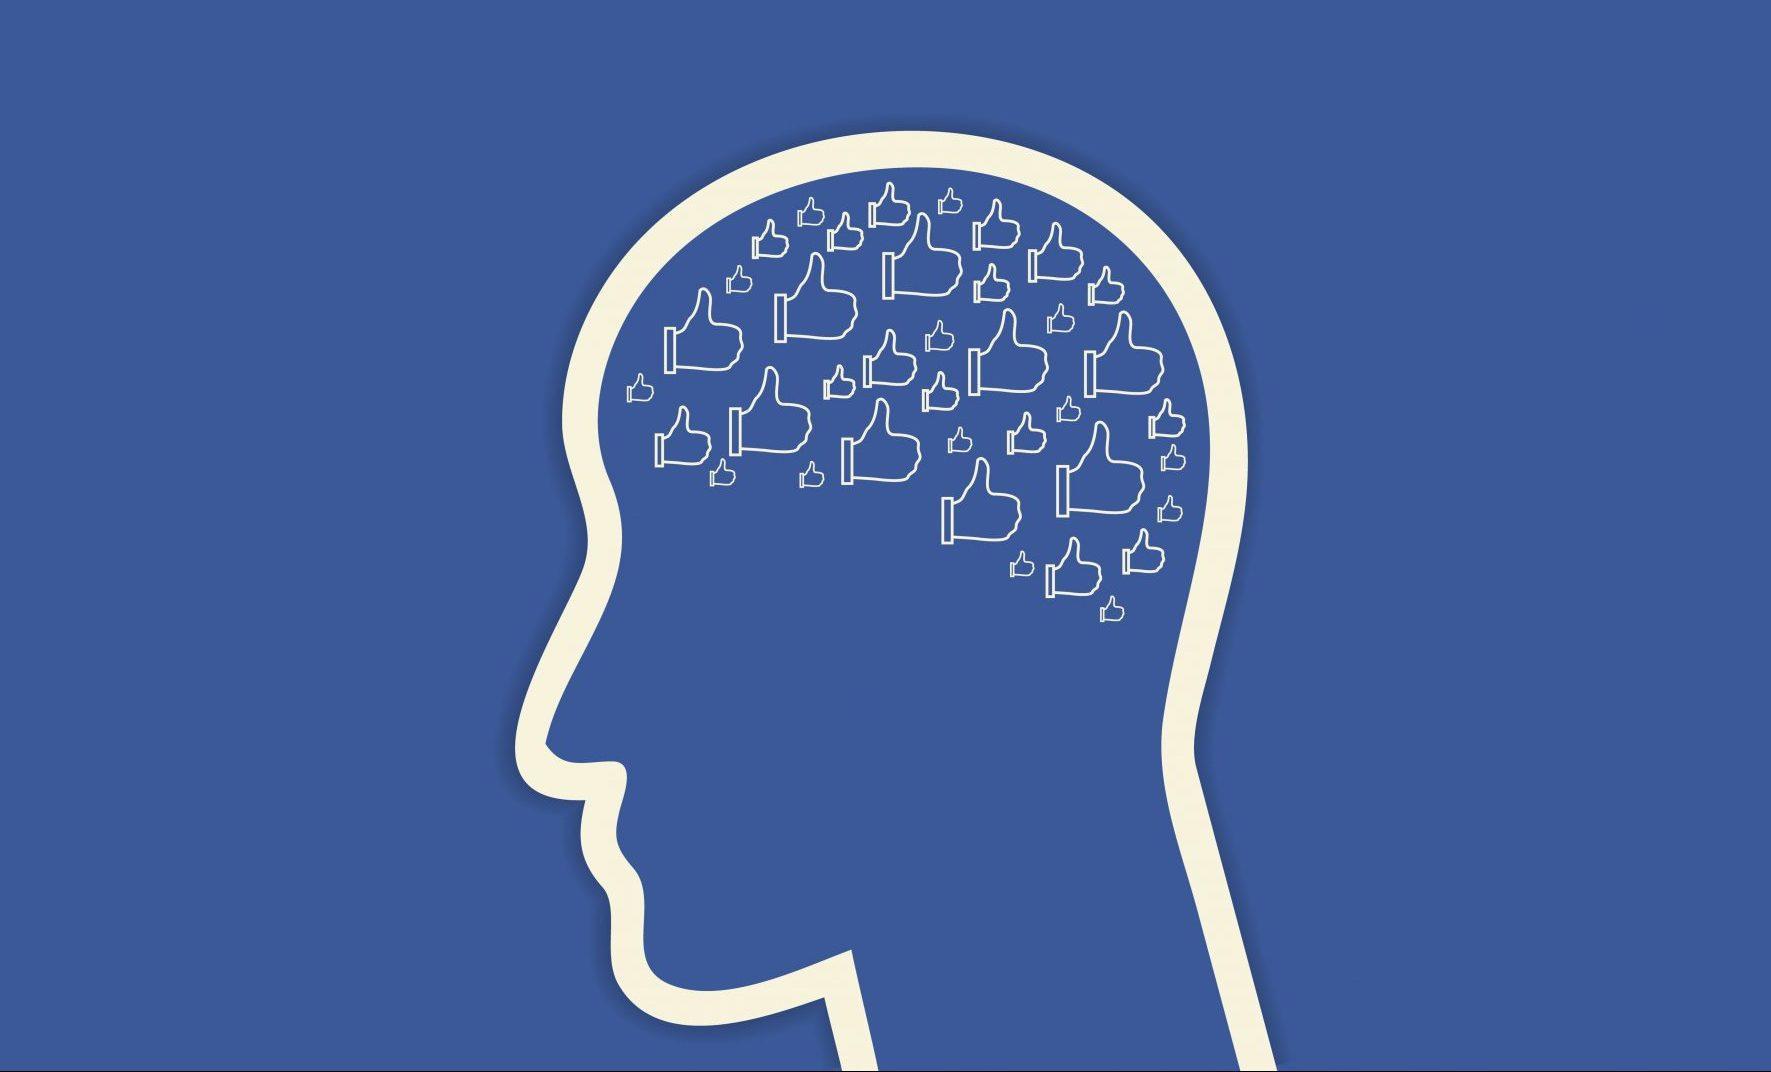 Частое пользование Facebook может сказаться на объёме серого вещества